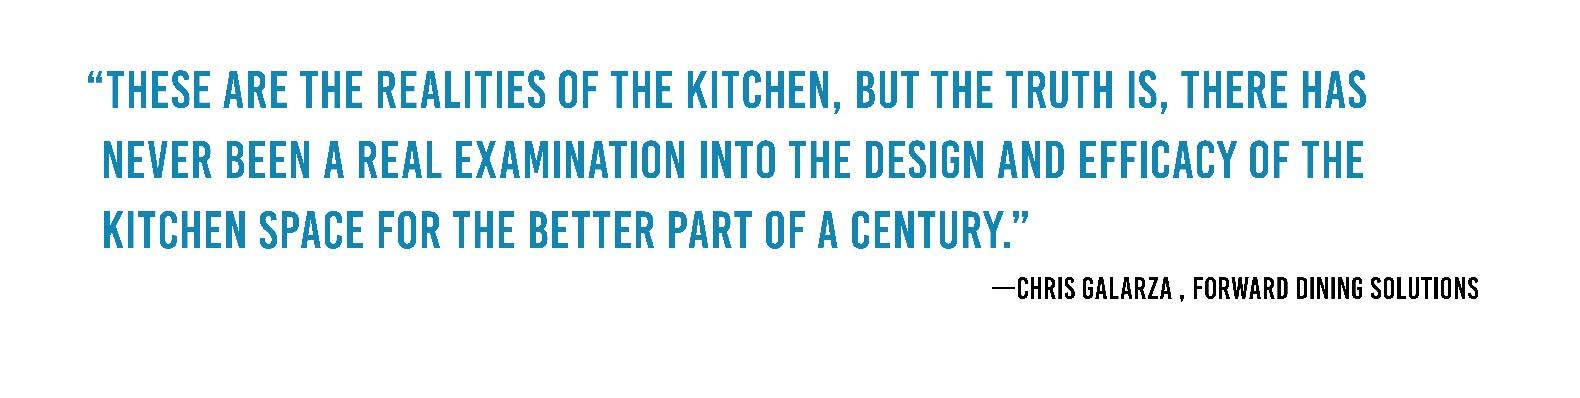 Forward-Dining-Solutions .jpg